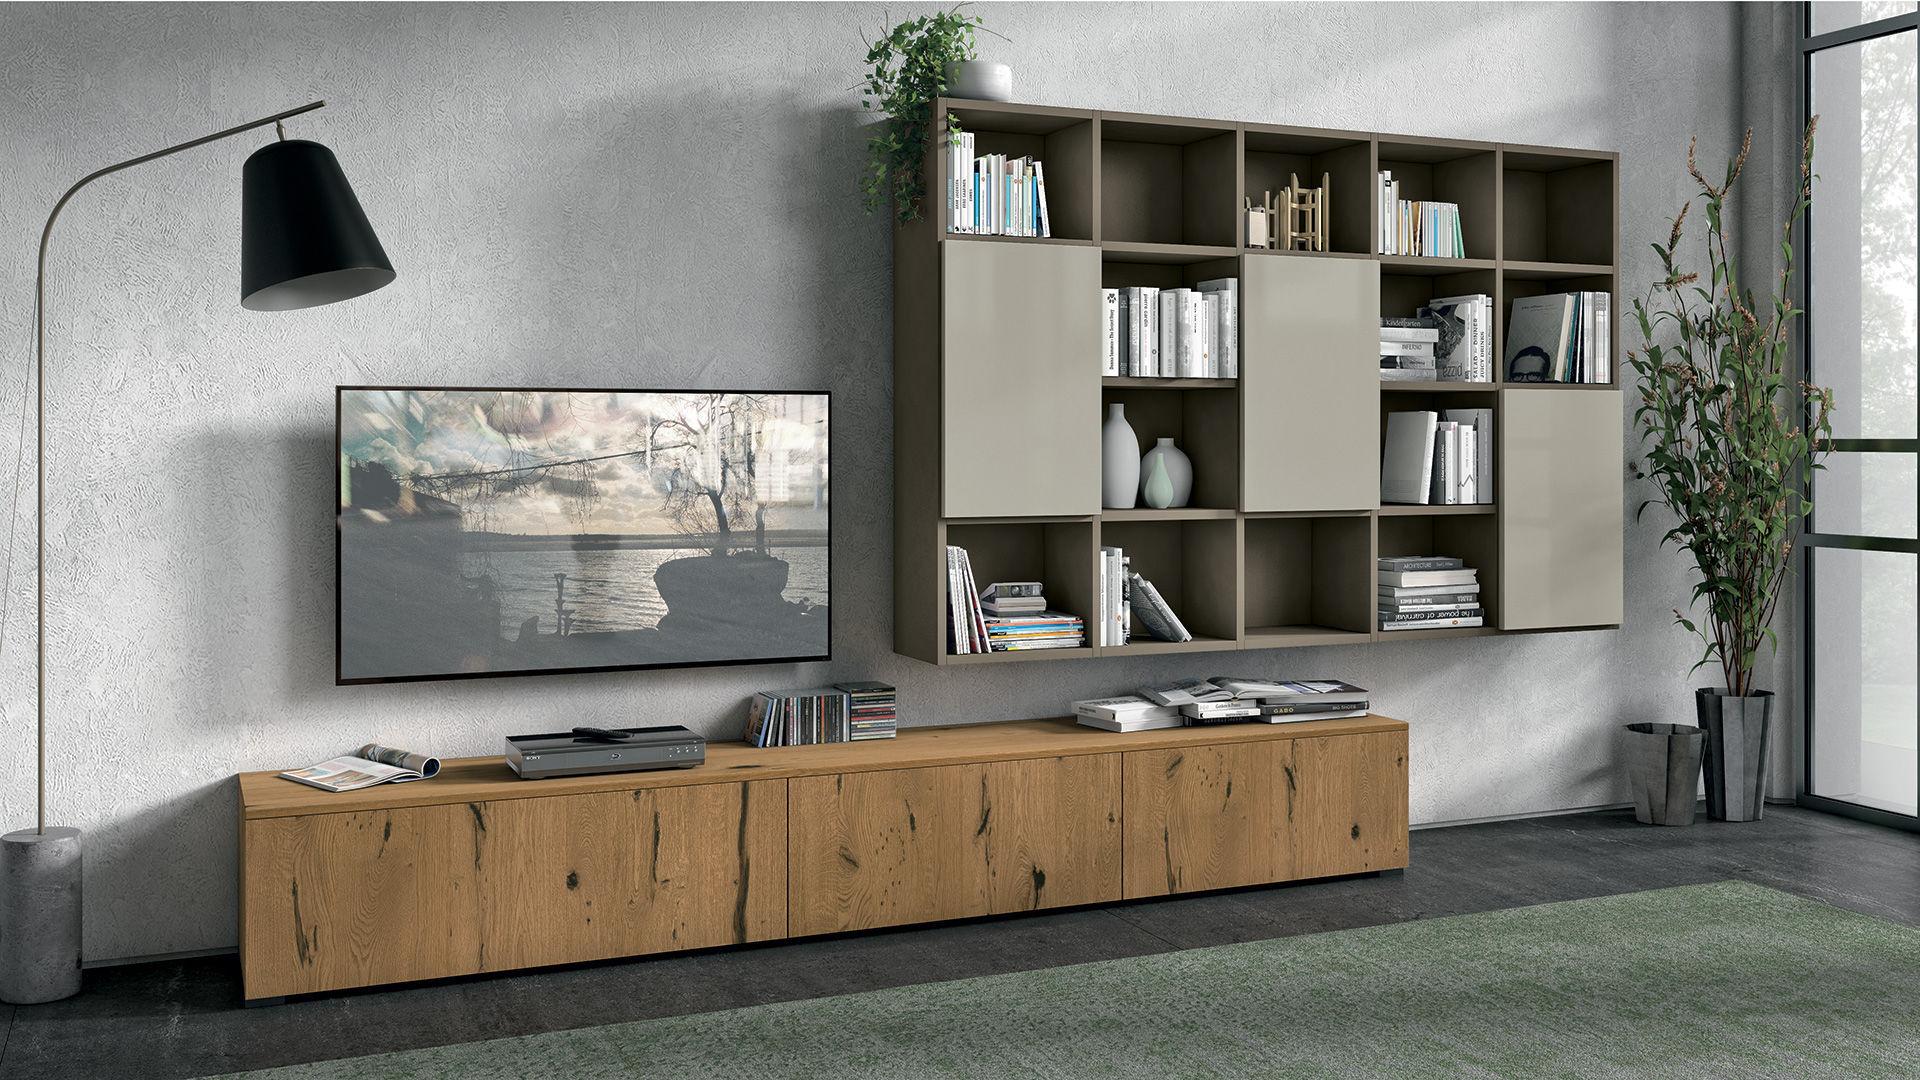 Credenza Con Cucina Incorporata : Parete attrezzata tv moderno in legno con illuminazione